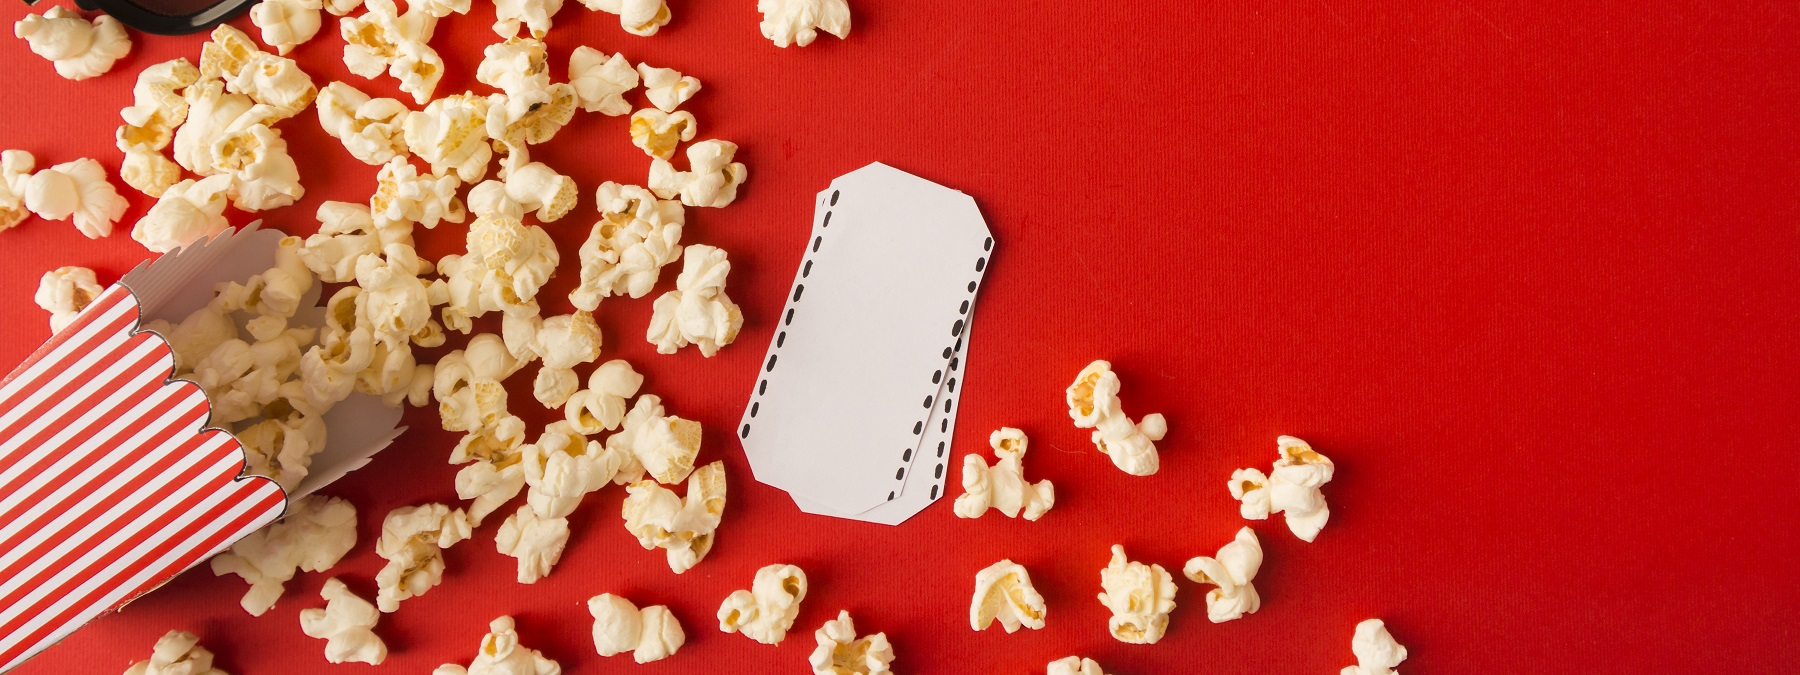 UGC Fête du cinéma du 30 juin au 4 juillet